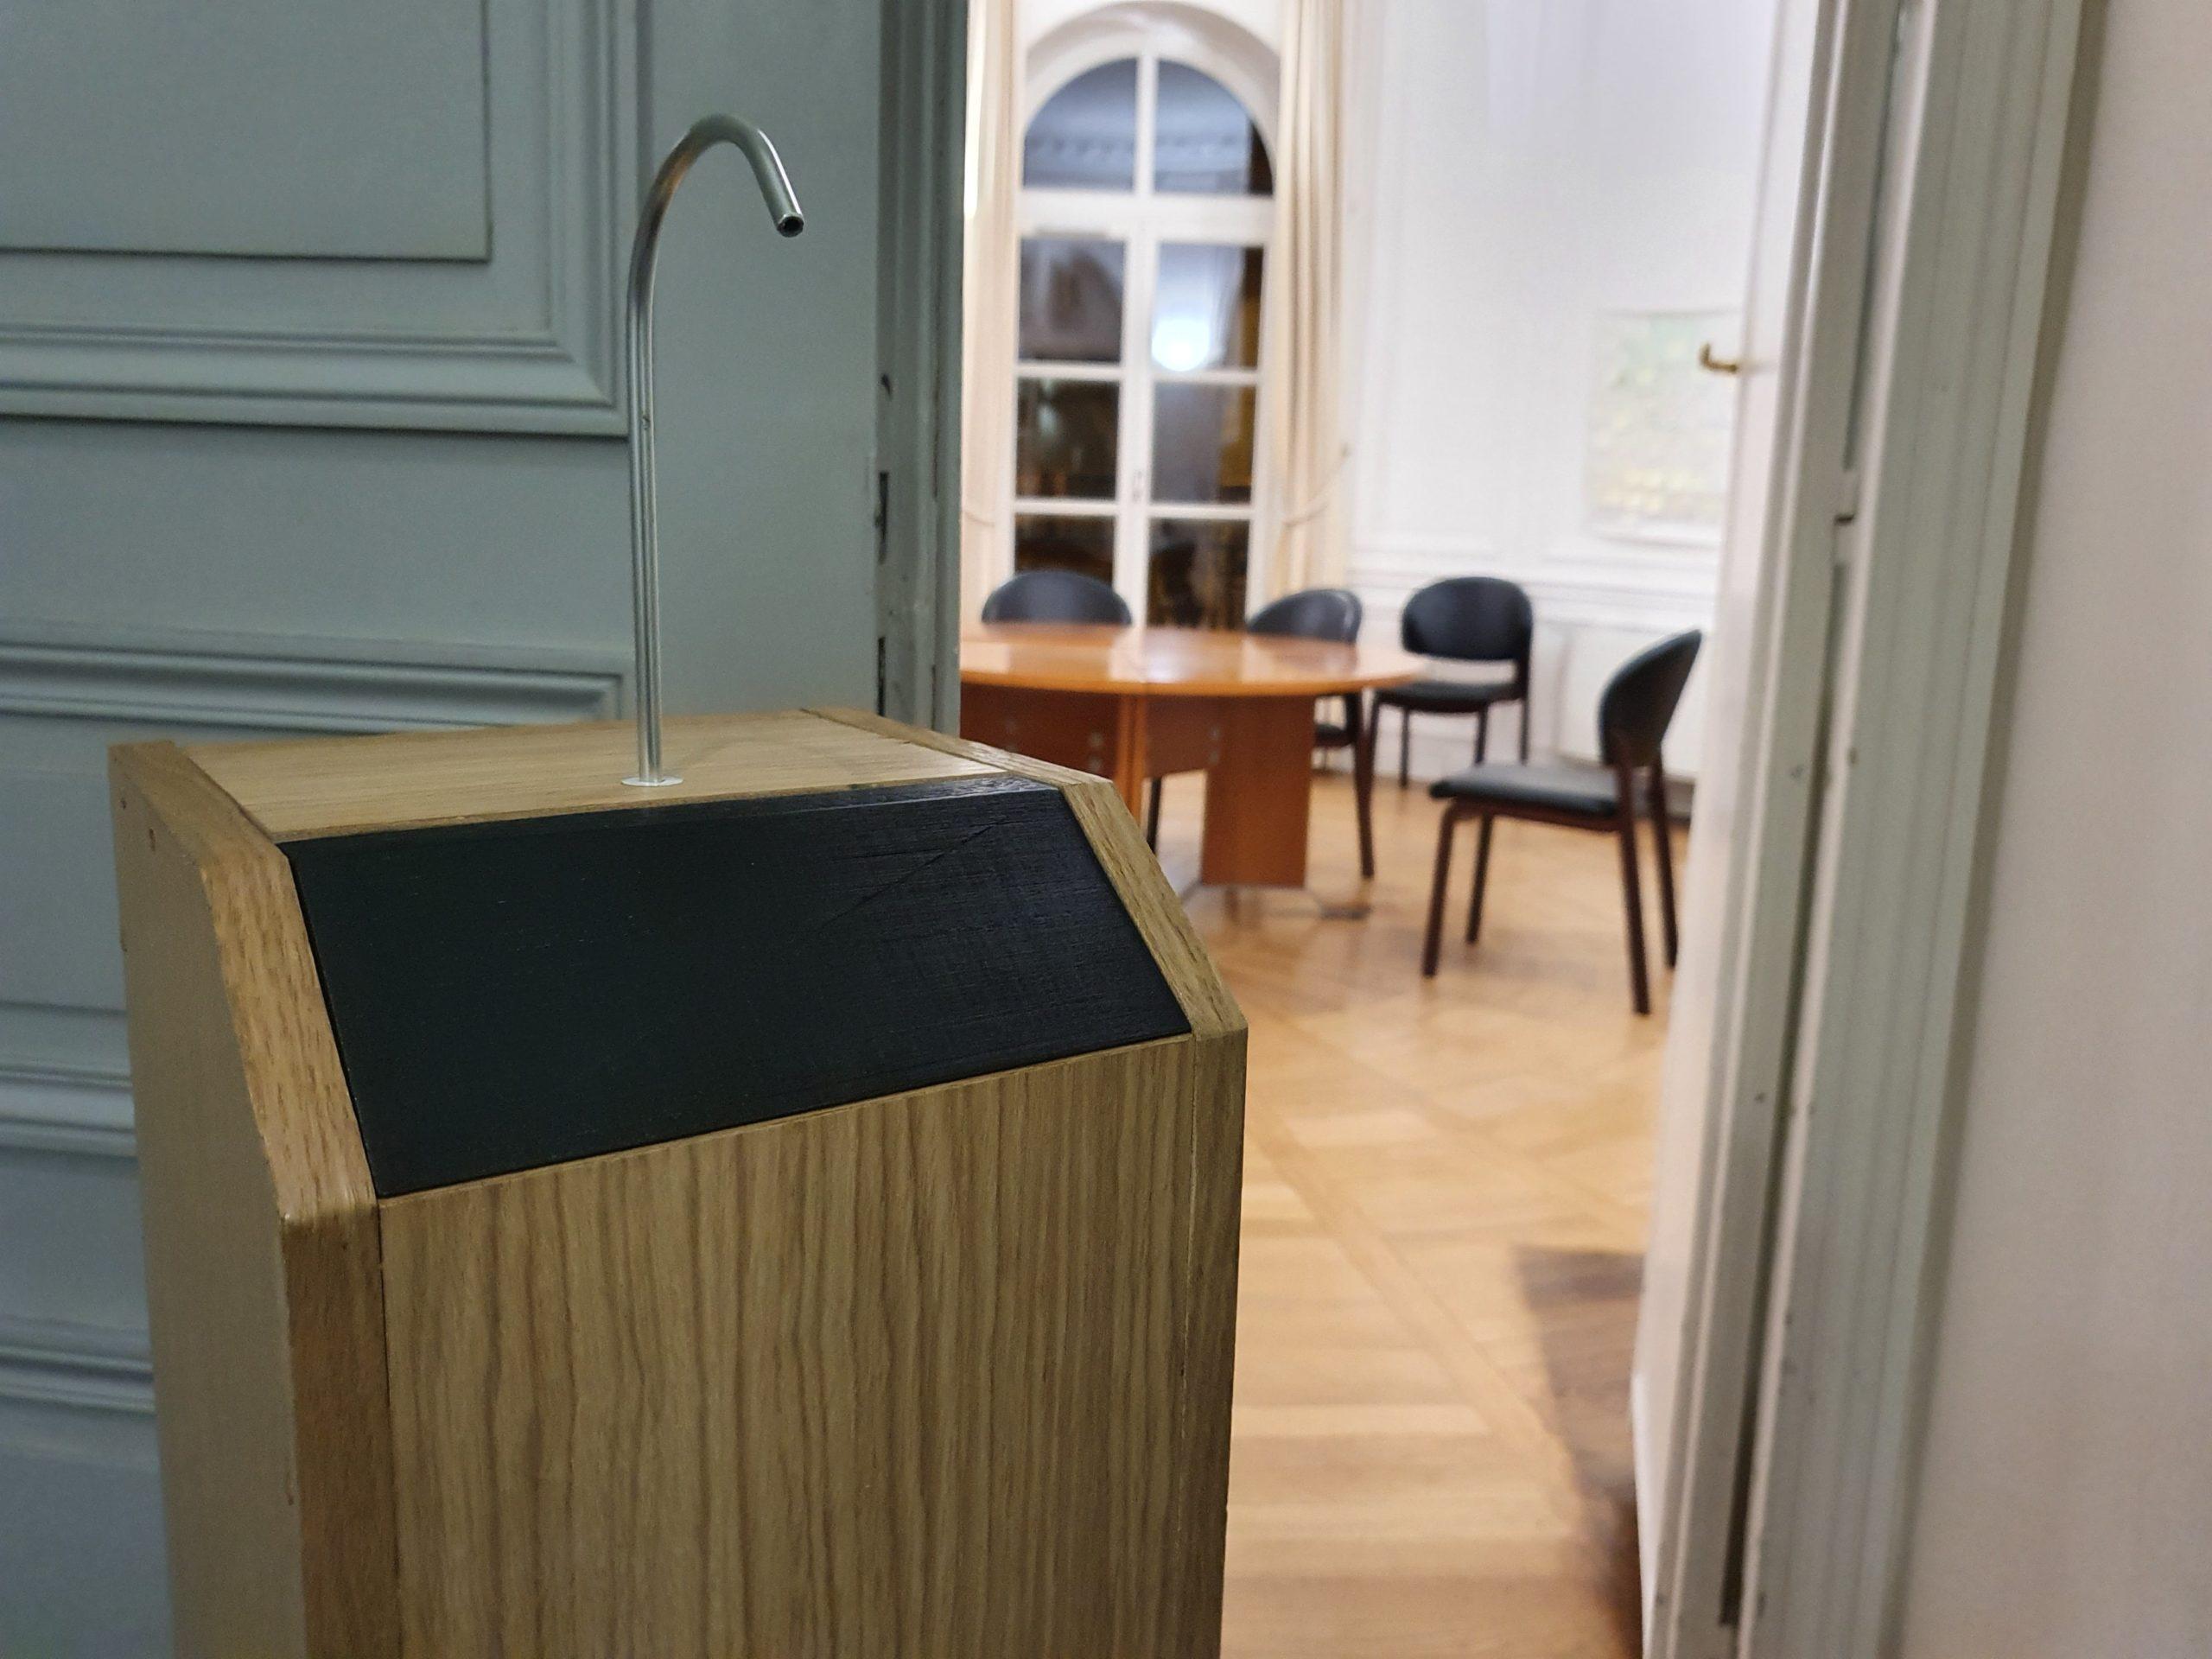 Gégé distributeur totem de gel hydroalcoolique en bois grande capacité 5L sans contact et autonome vue supérieure